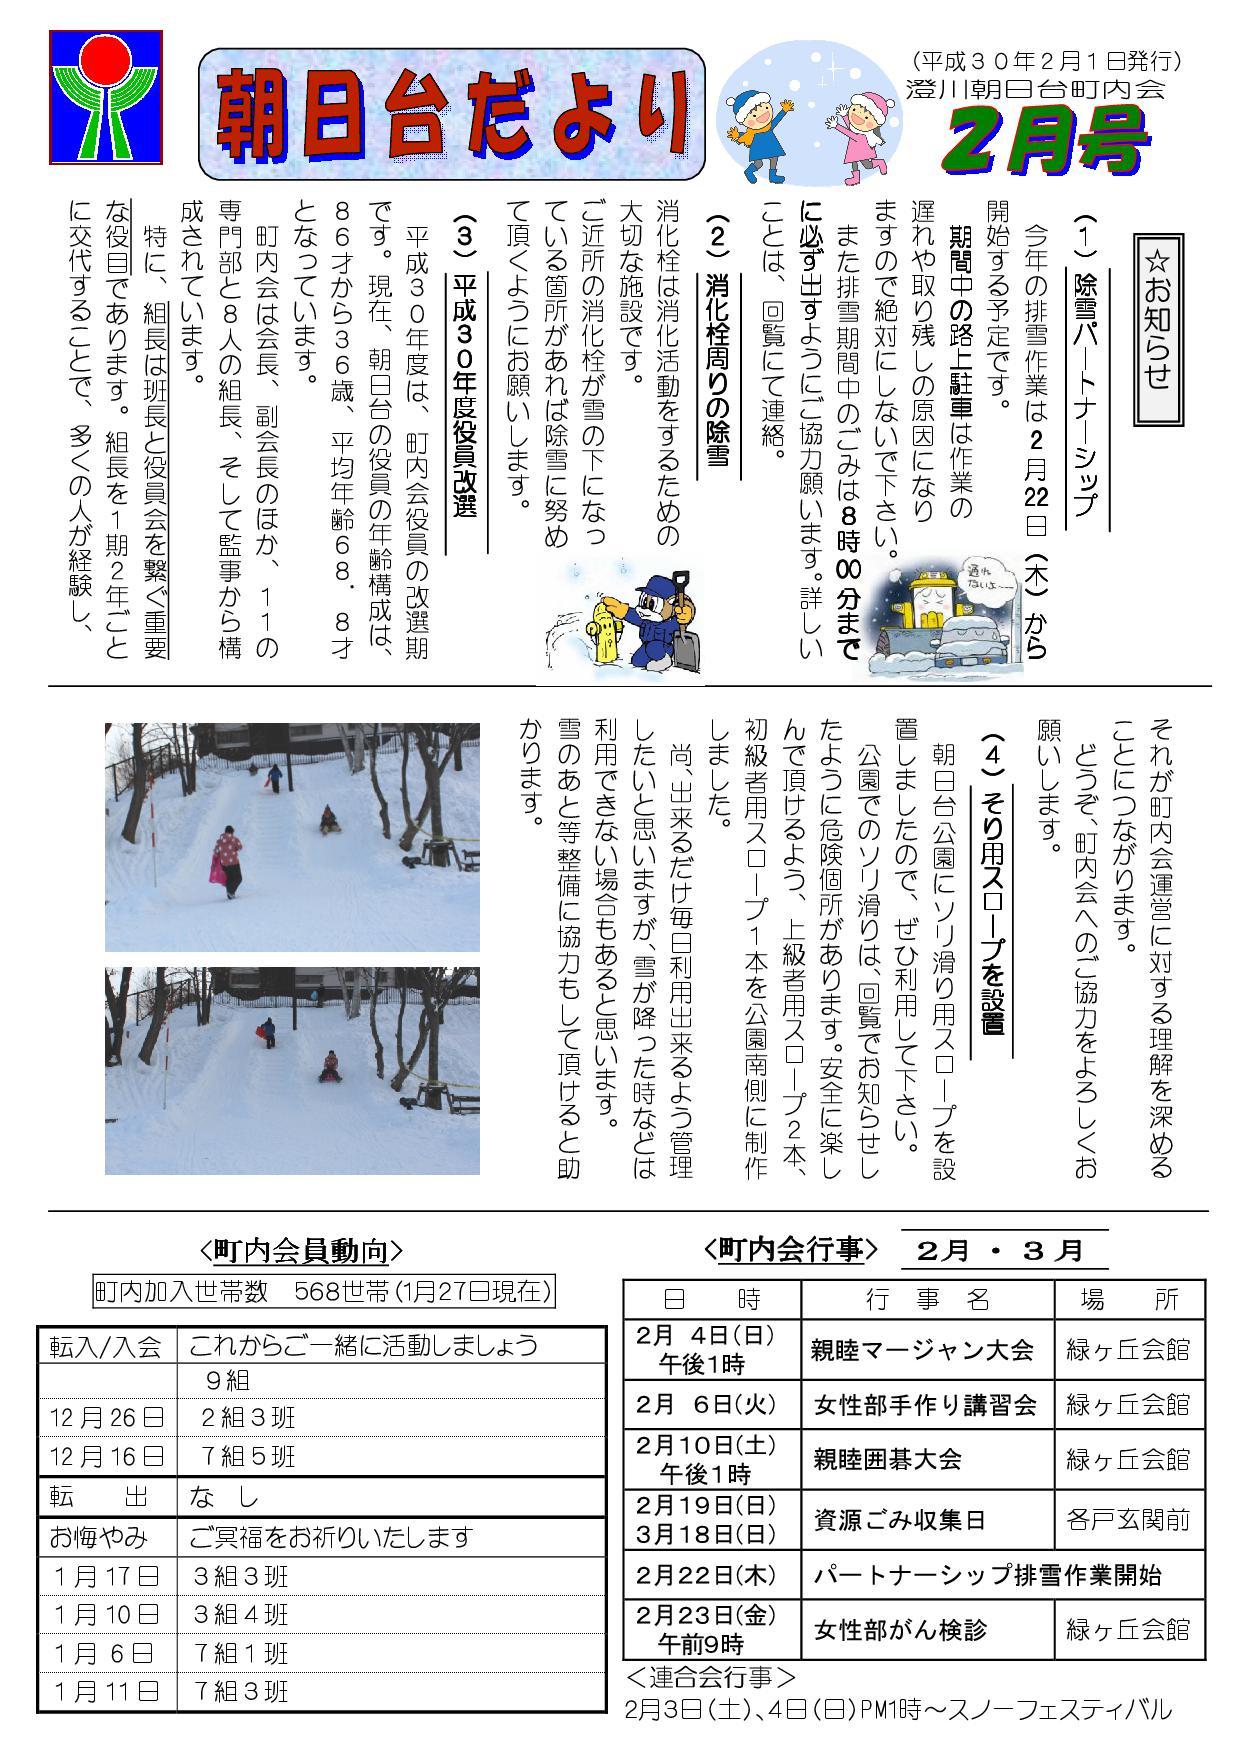 http://sumikawa.info/asahidai/2%E6%9C%88%E5%8F%B71-001.jpg